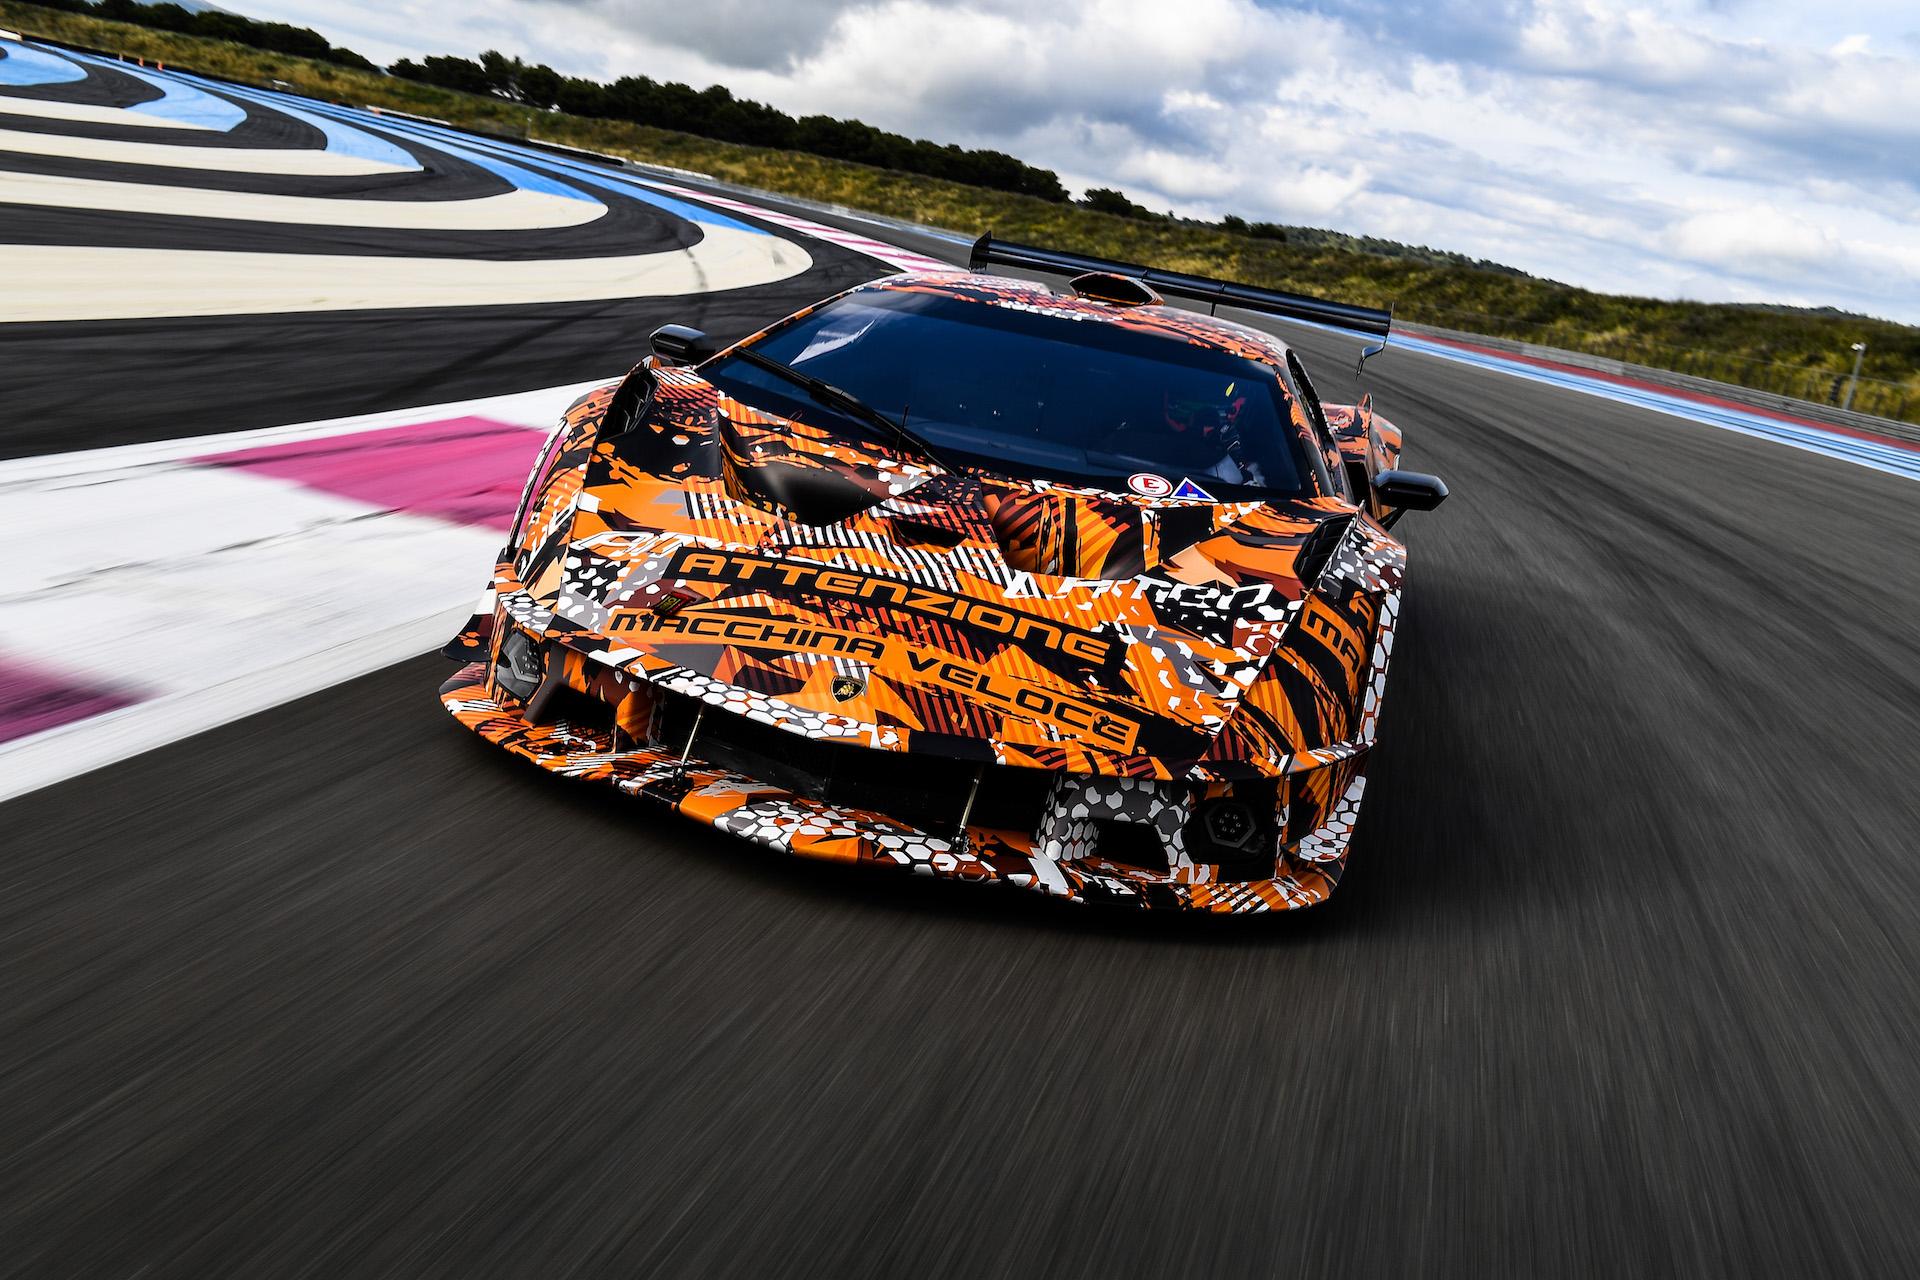 Nuevo Lamborghini Scv12 3